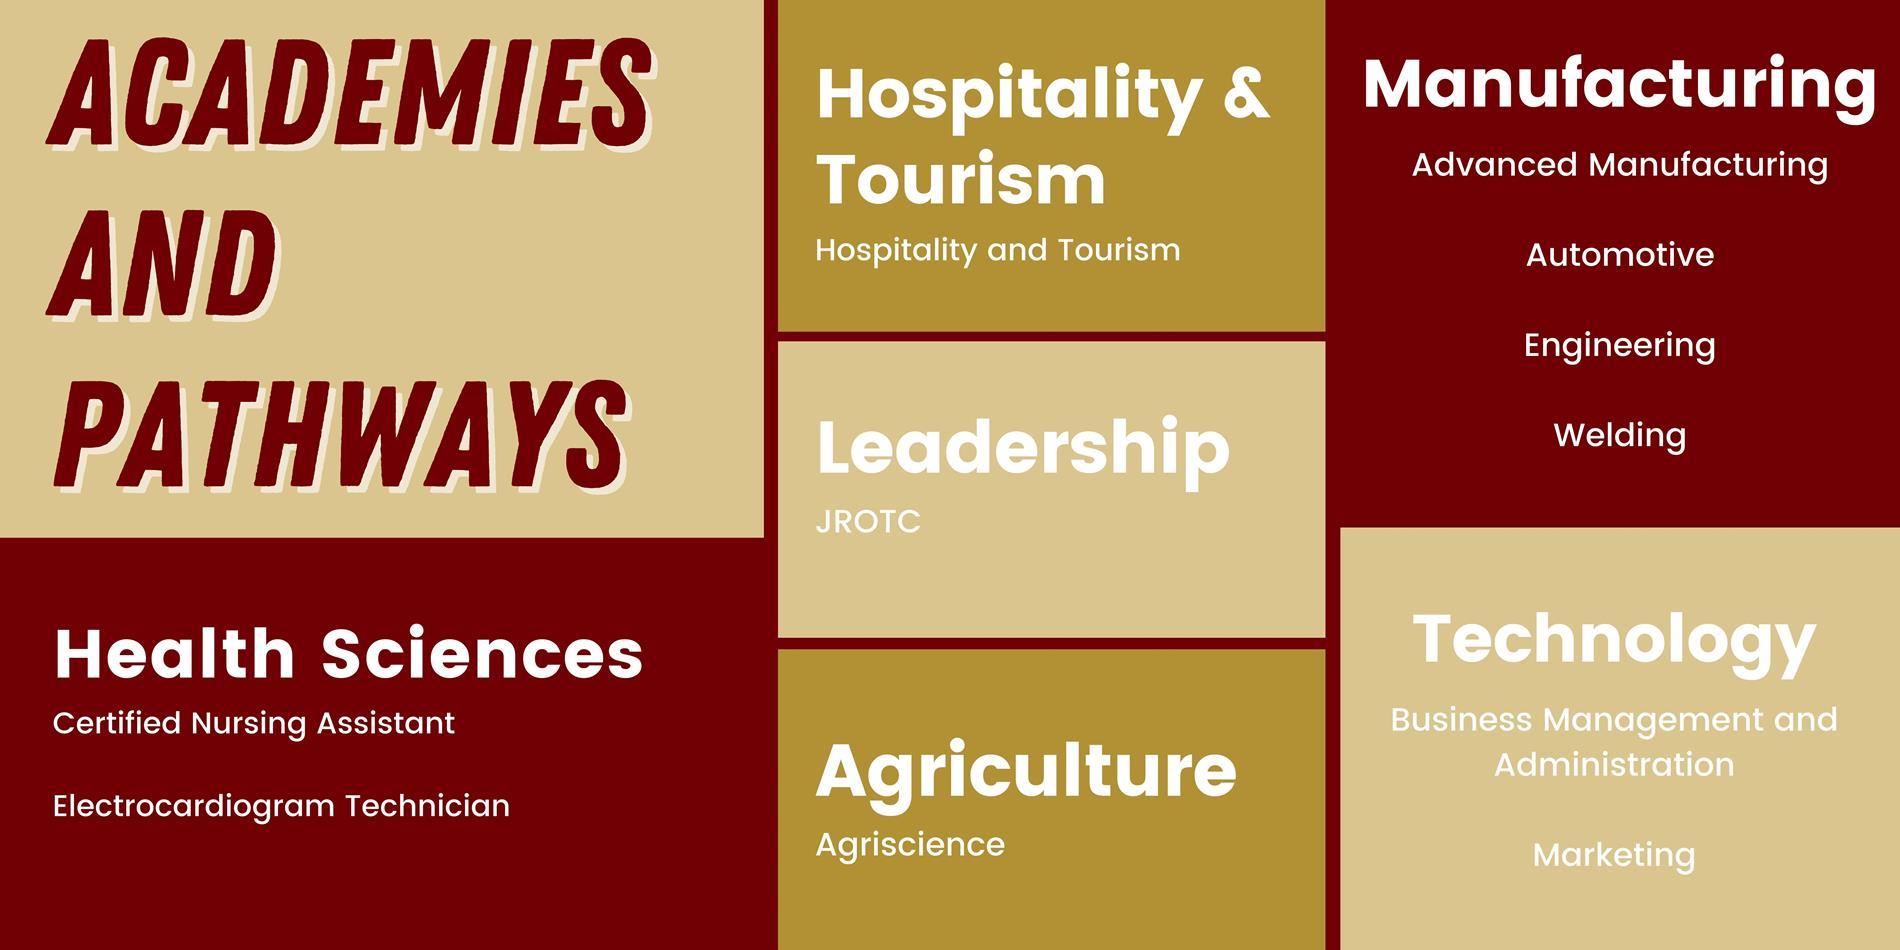 Academies and Pathways